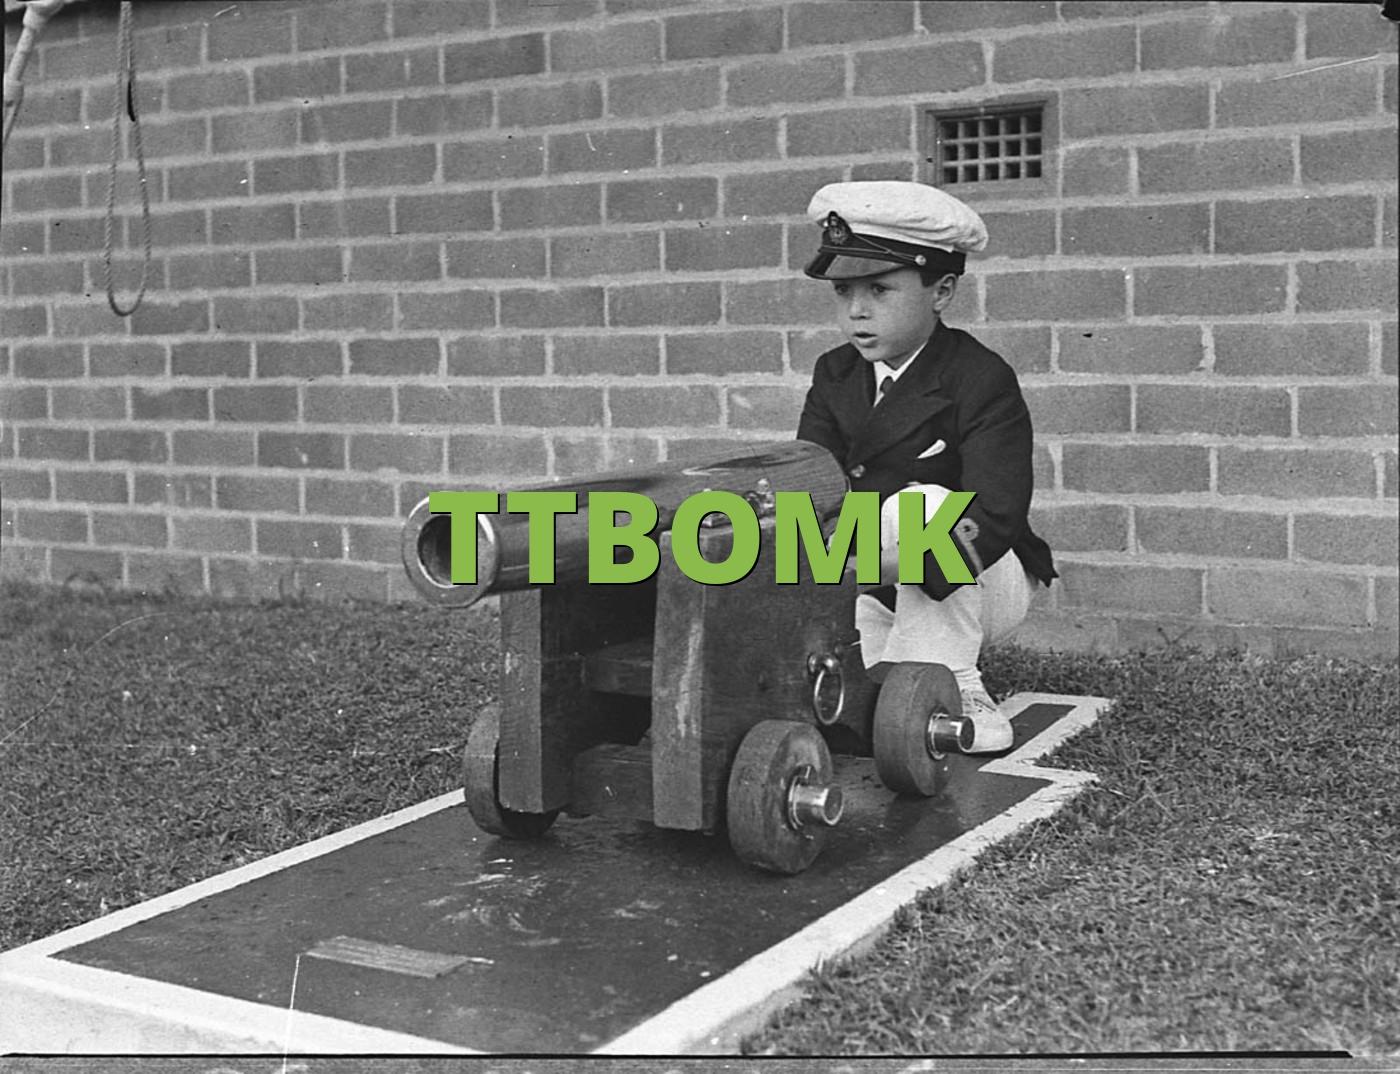 TTBOMK